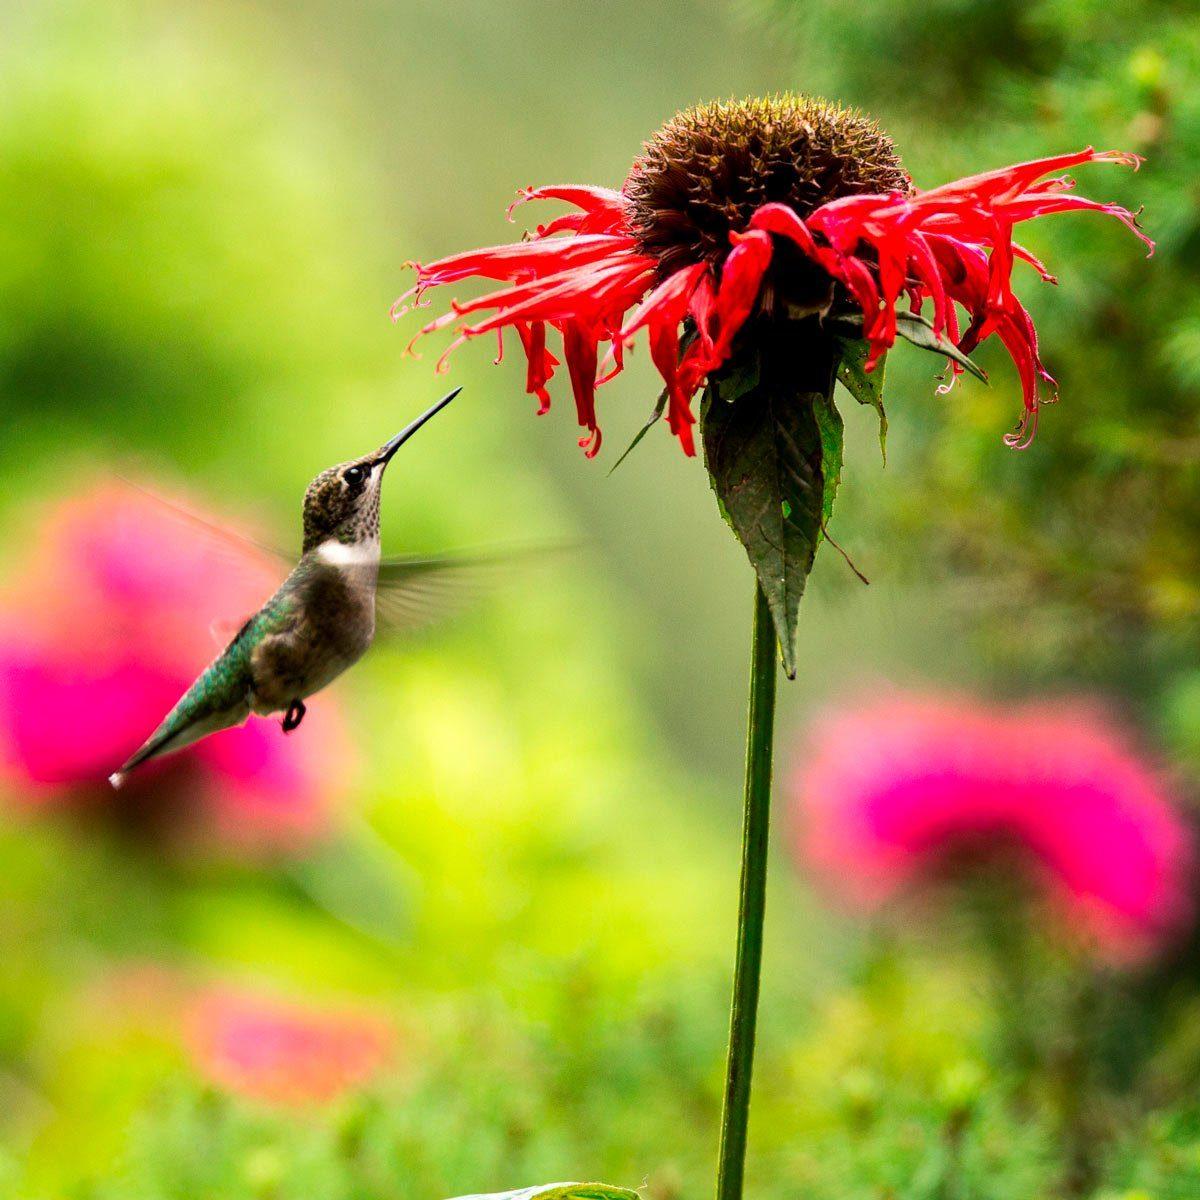 hummingbird flies near a red flower